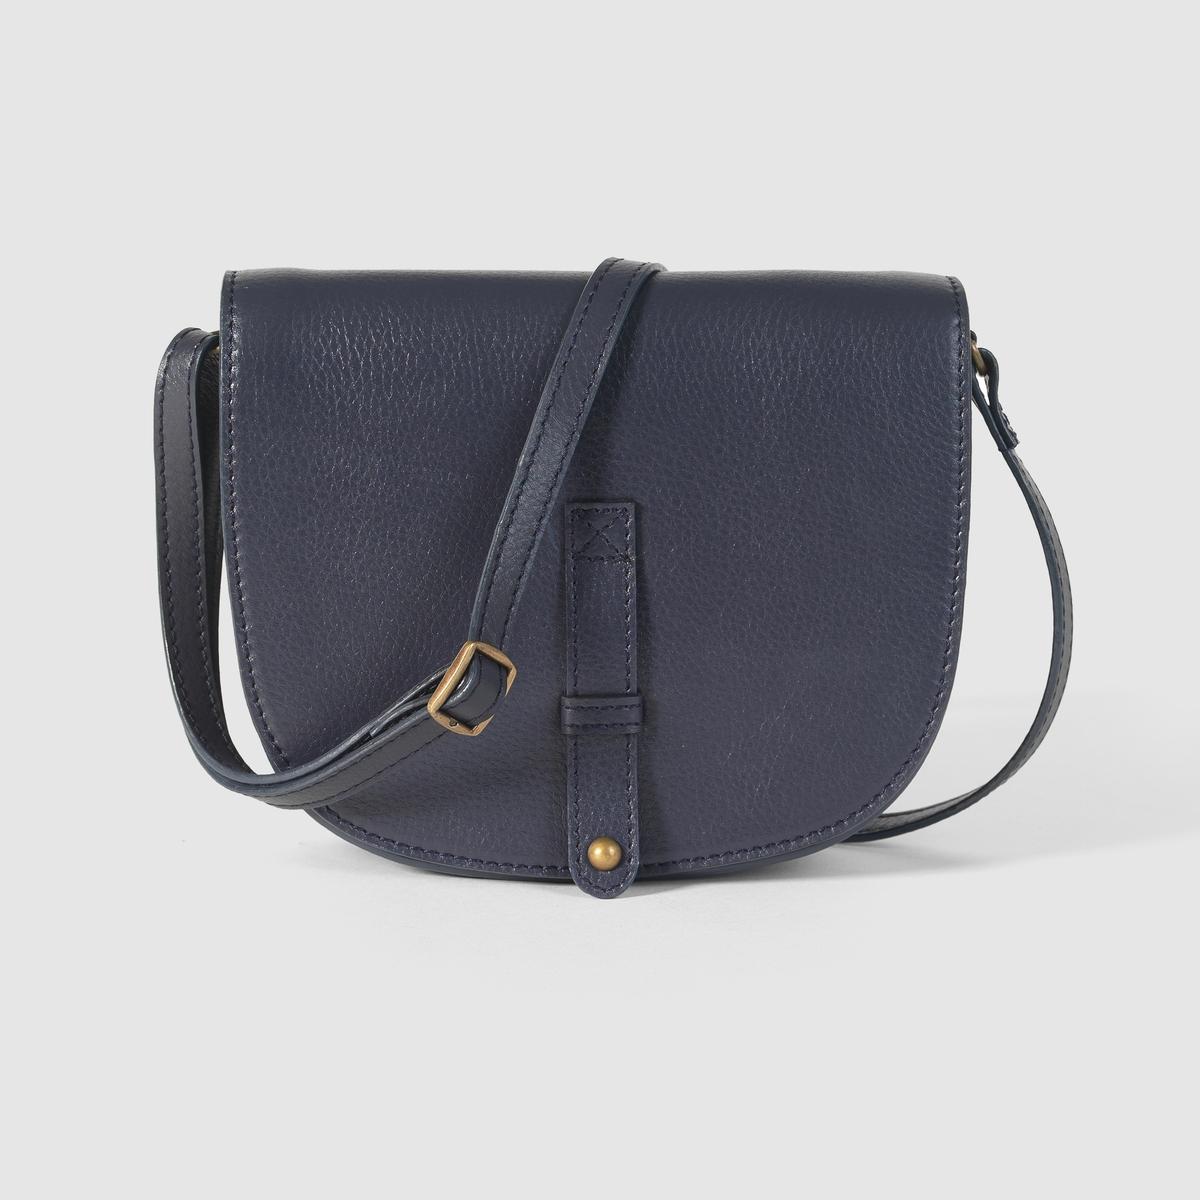 Сумка женская через плечо из кожиЖенская сумка из кожи. Материал : яловичная кожаОписание : внутренняя отделка из текстиля, внутренний карман, регулируемый ремень, магнитная застежка. Размеры : 16 x 20 x 5 см.Элегантная и привлекательная модель.<br><br>Цвет: синий морской,темно-бежевый,черный<br>Размер: единый размер.единый размер.единый размер